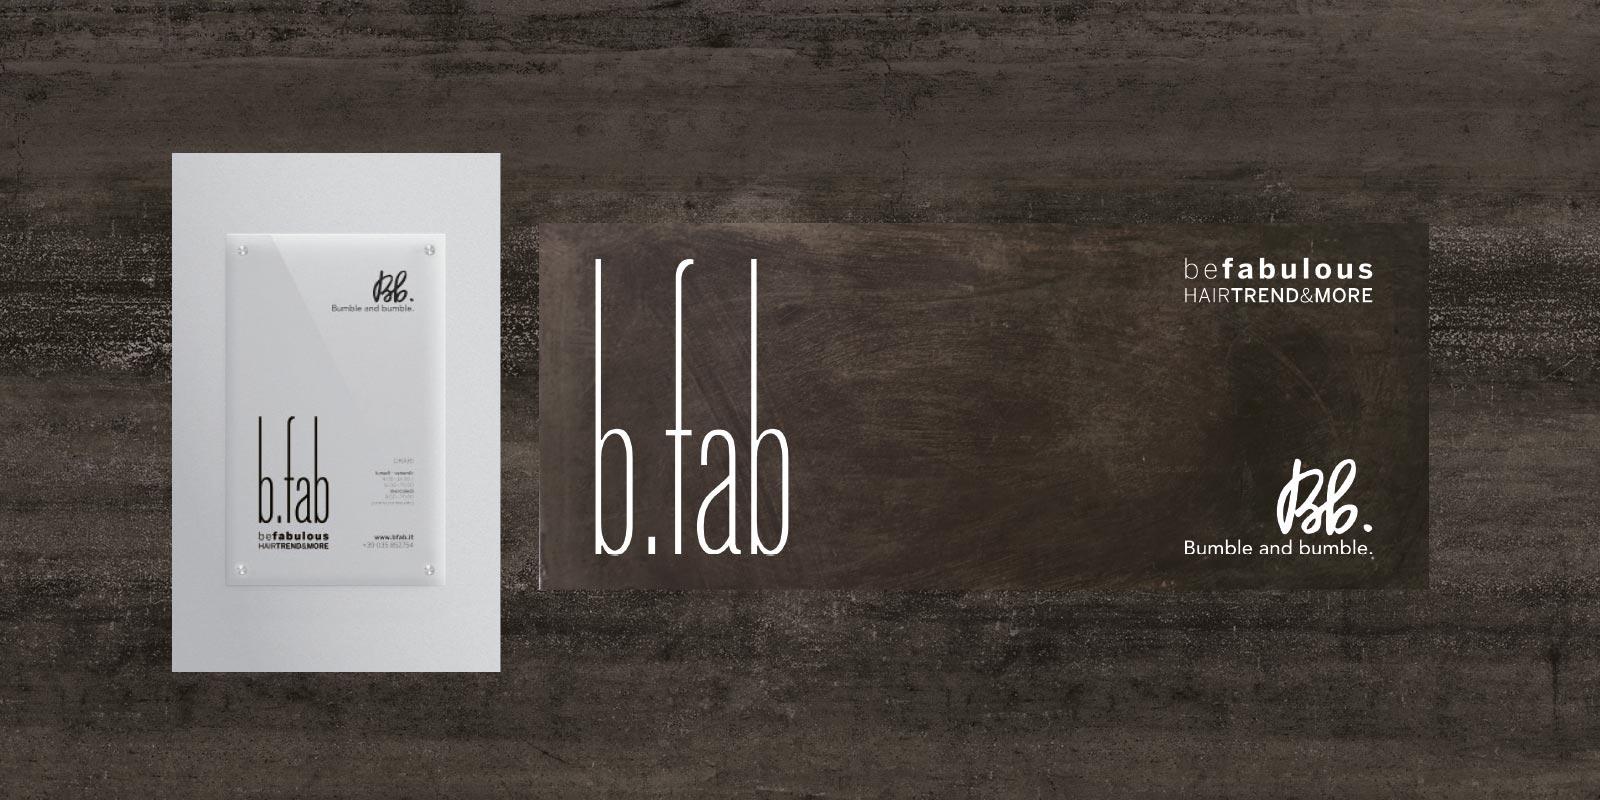 bafb - studio logo e immagine aziendale